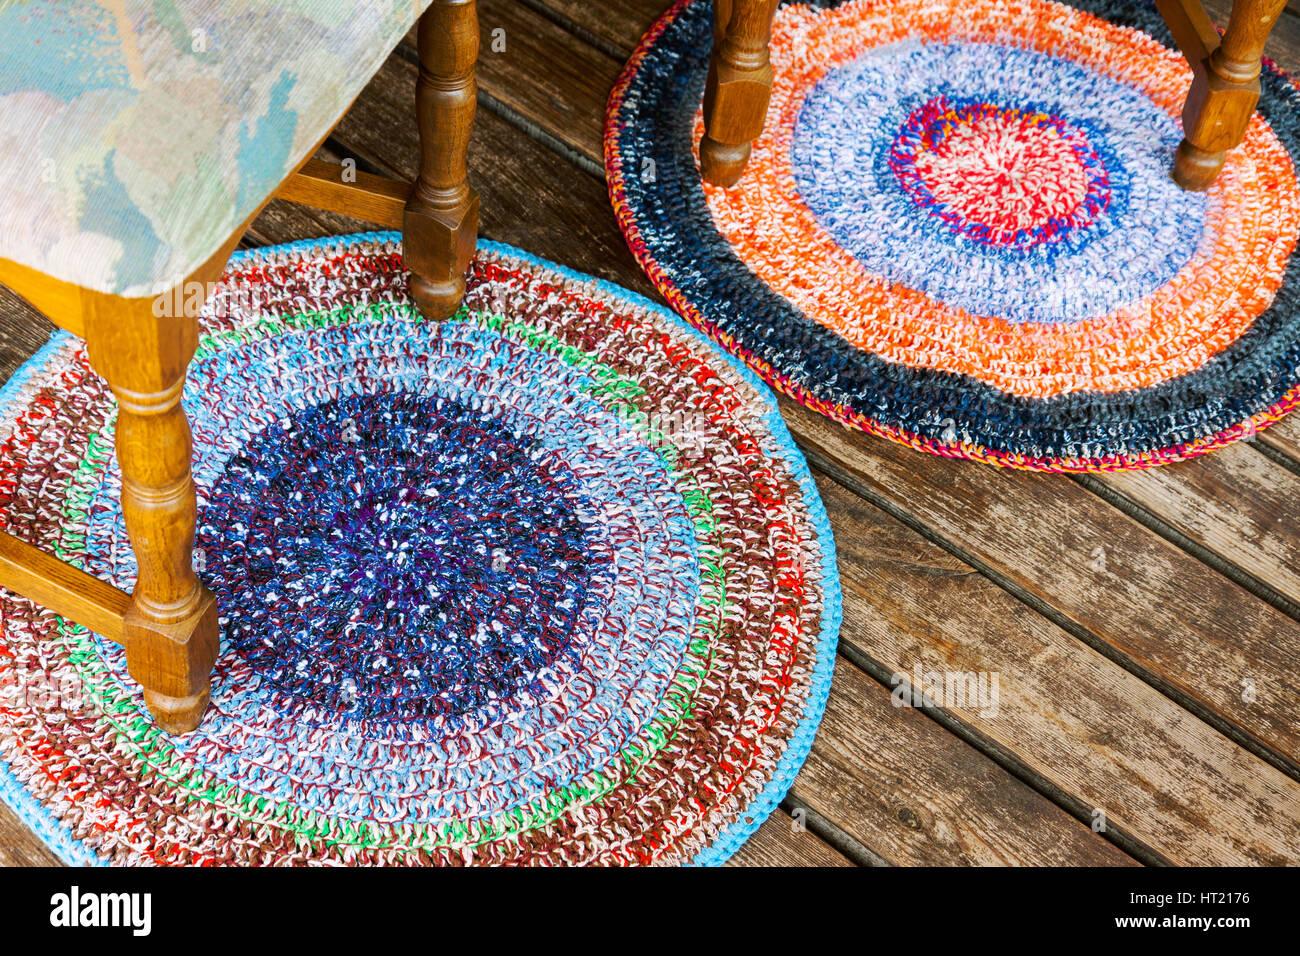 Zwei handgefertigte bunte Teppiche auf einem Holzfußboden mit ein paar Stühle Stockfoto